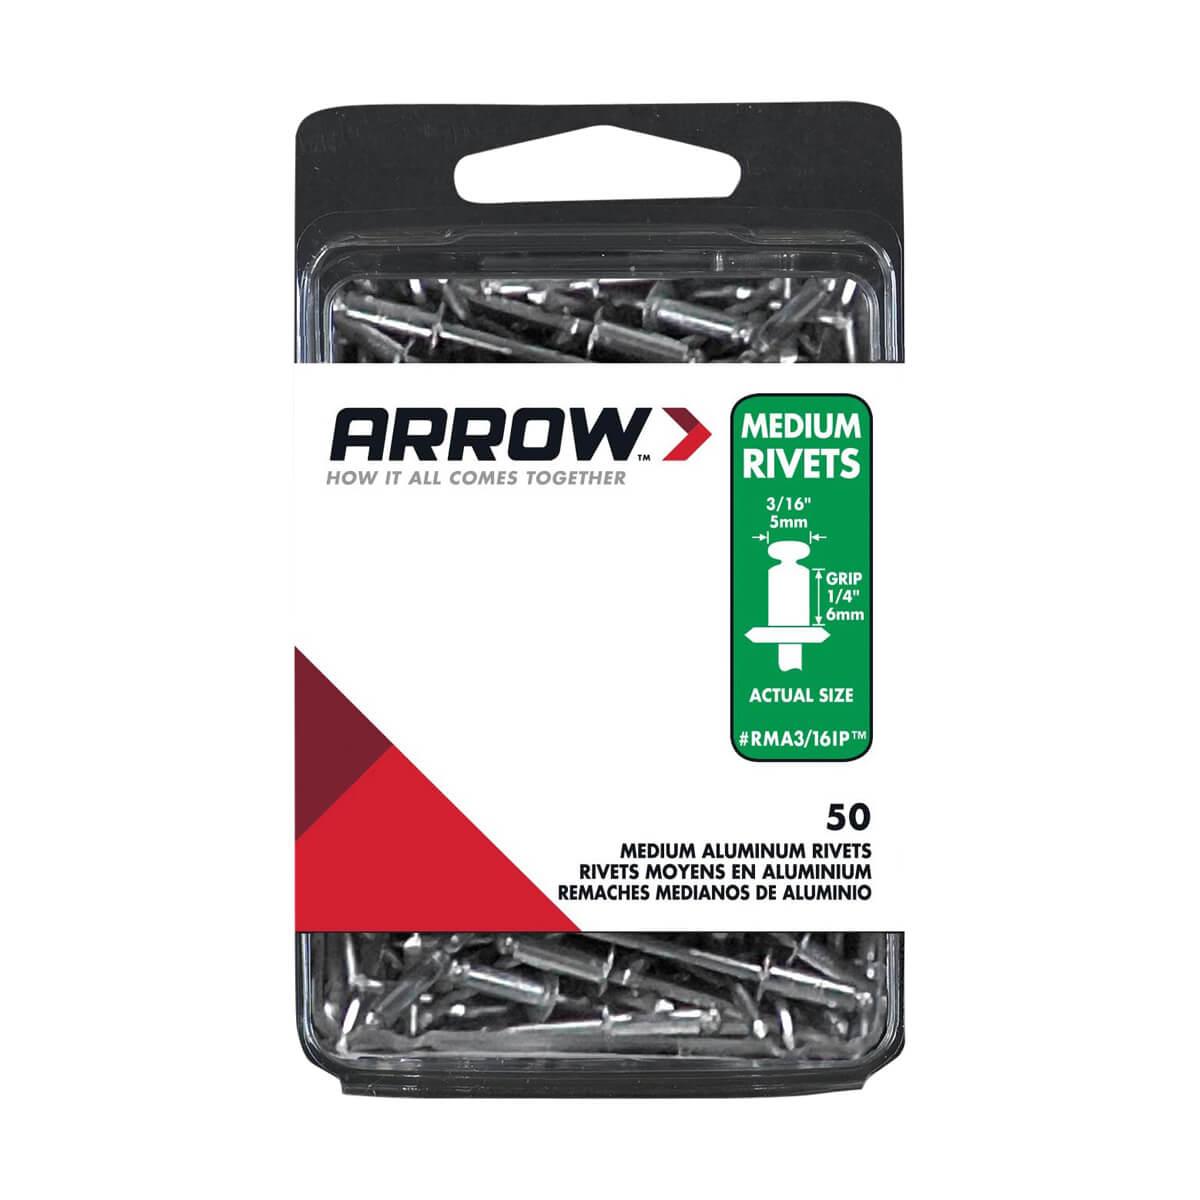 Arrow Rivet 3/16 Medium IP Aluminum - 50 pack